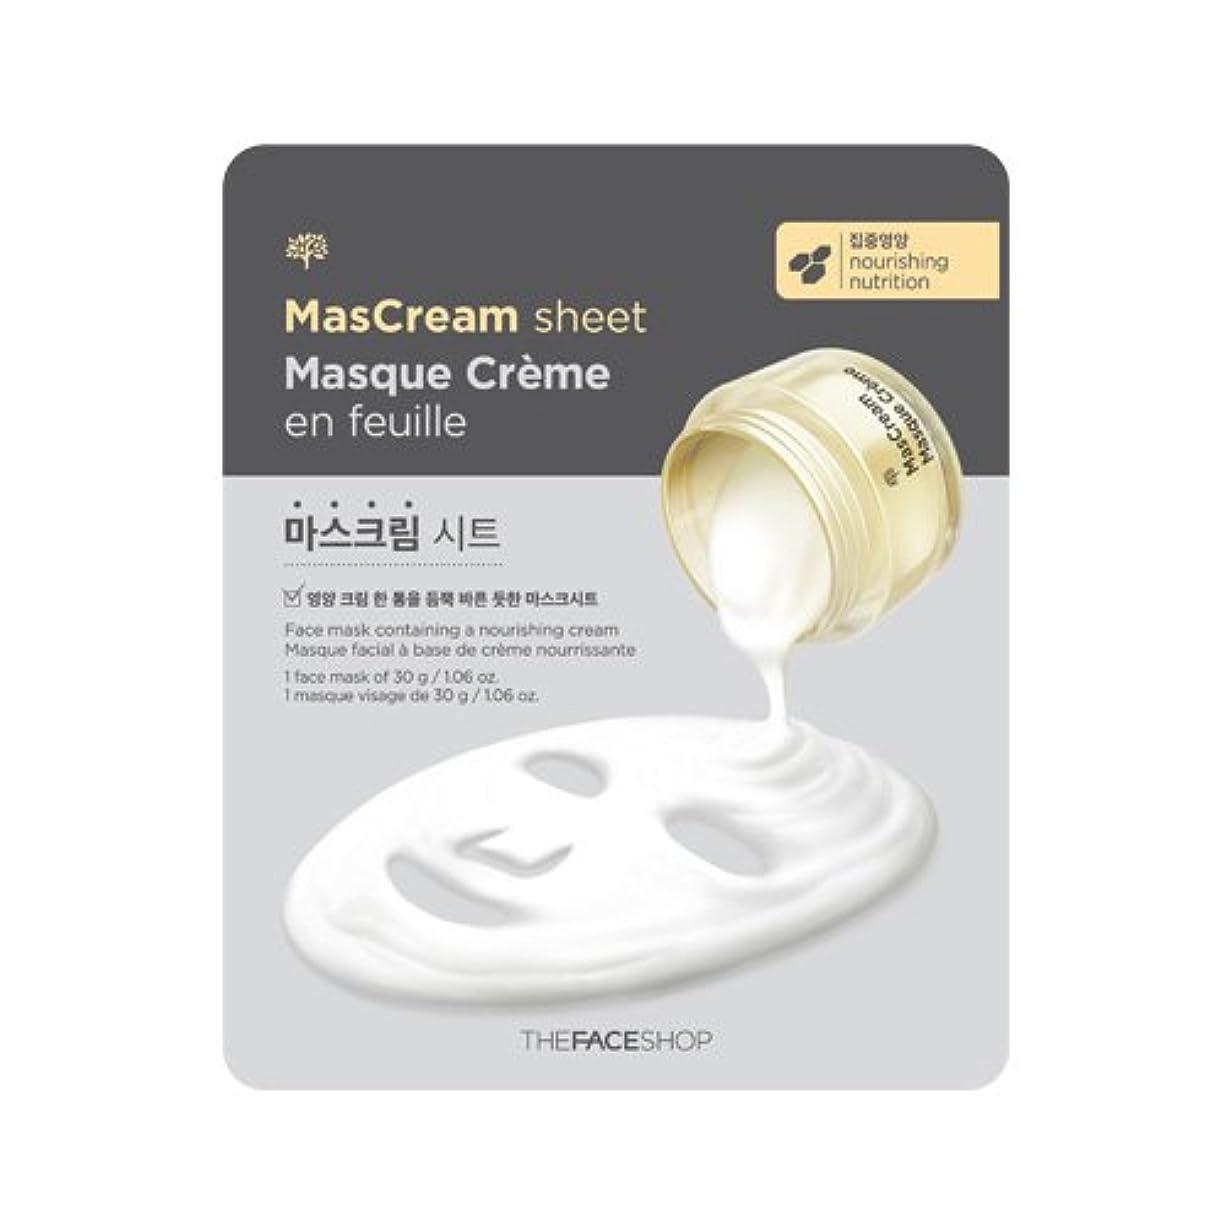 ジャーナルエンディング歯車ザフェイスショップ [THE FACE SHOP] MASCREAM SHEET x 2sheets マスクリームパック 2枚 (栄養 / NOURISHING) [並行輸入品]